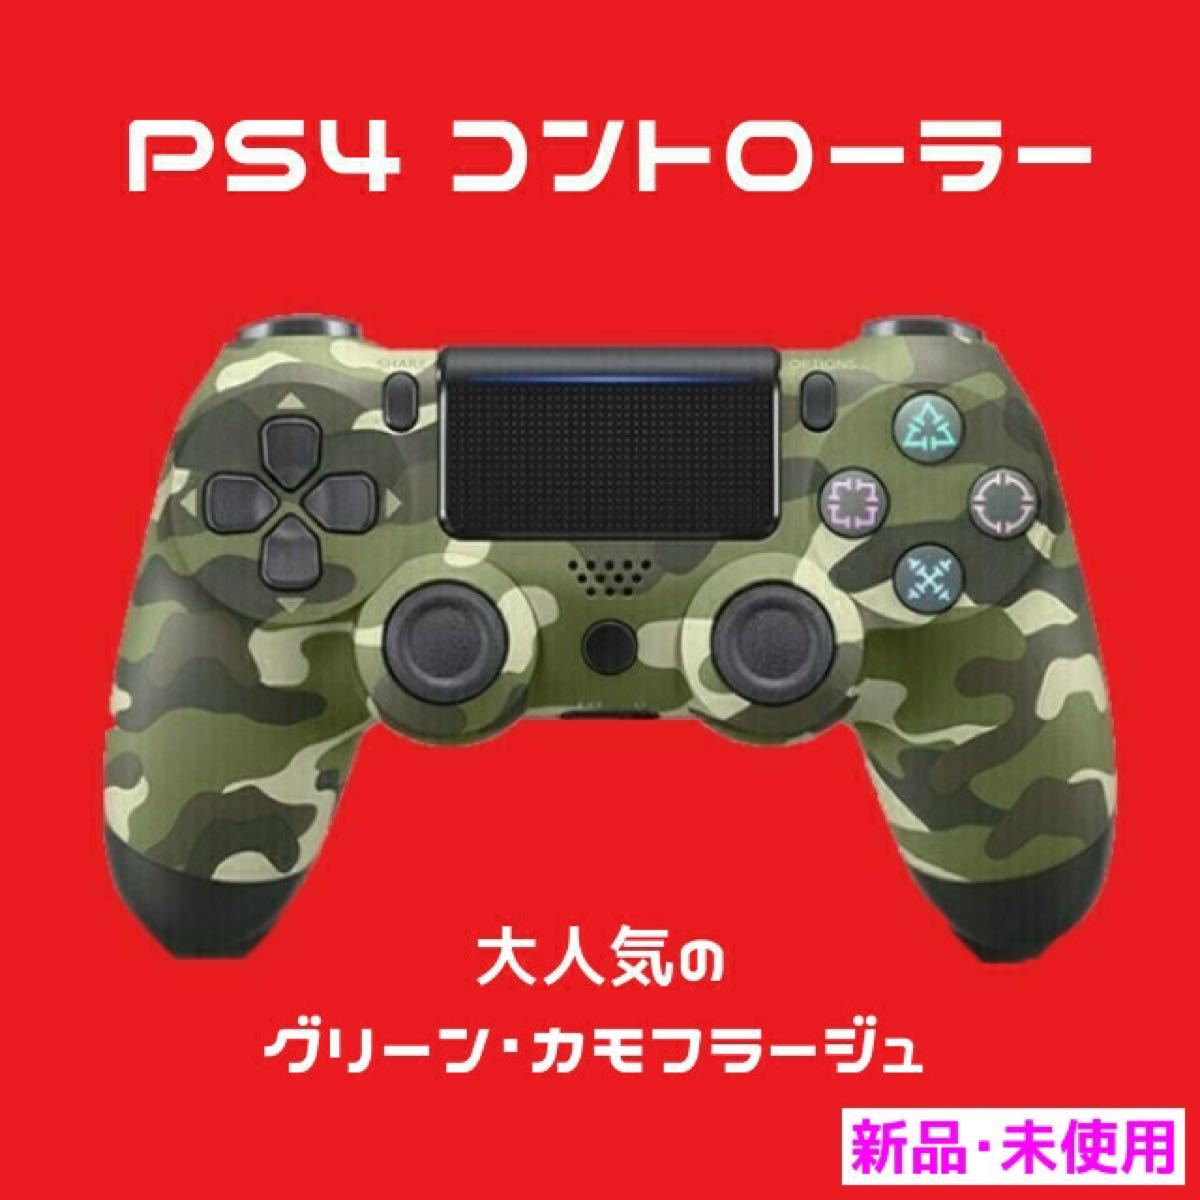 PS4 プレステ4 コントローラー ワイヤレス グリーン 迷彩 カモフラ柄 デュアルショック ゲーム bluetooth接続